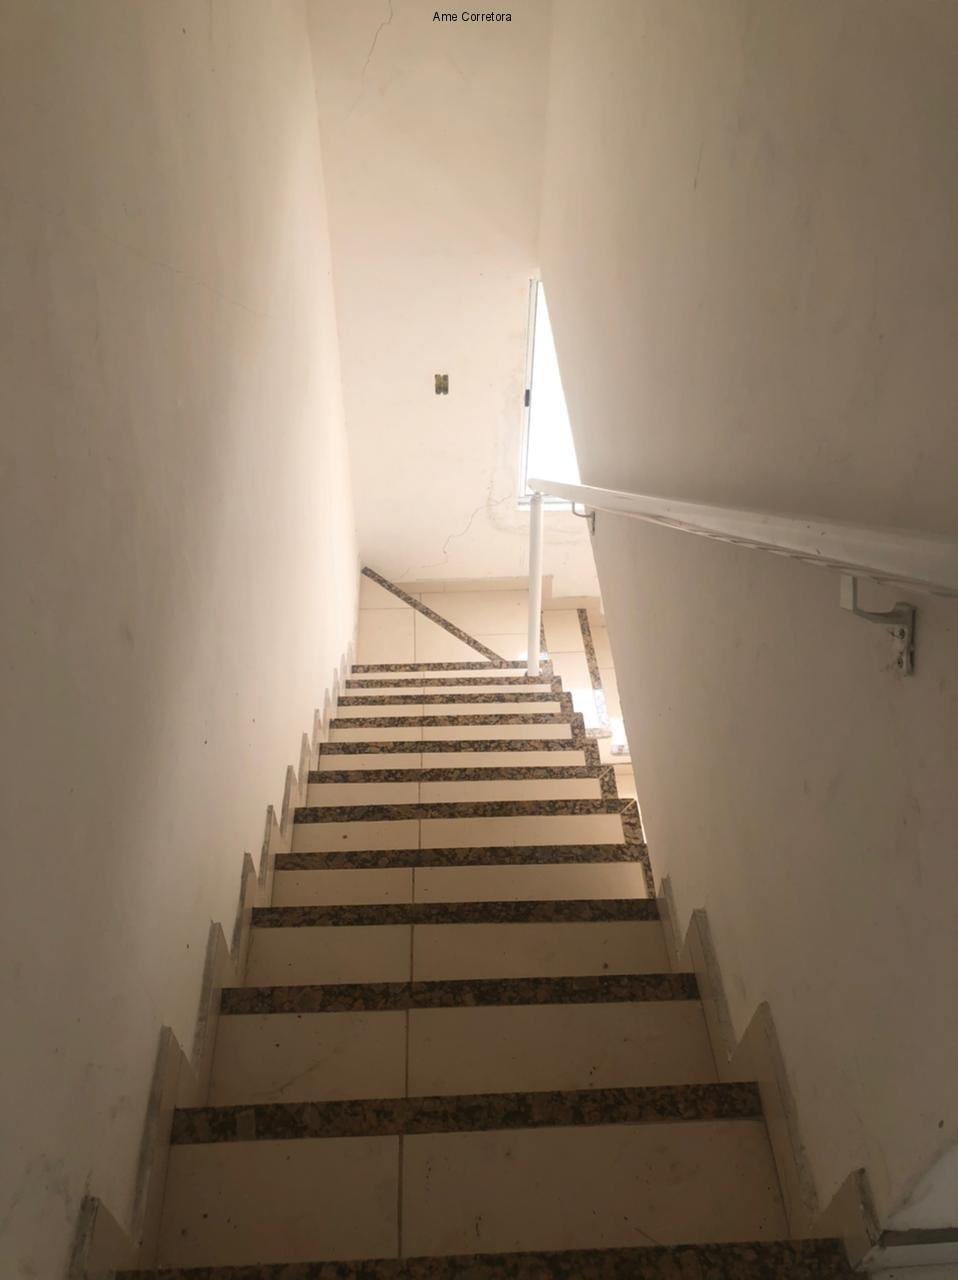 FOTO 02 - Casa 2 quartos à venda Rio de Janeiro,RJ - R$ 220.000 - CA0054 - 3